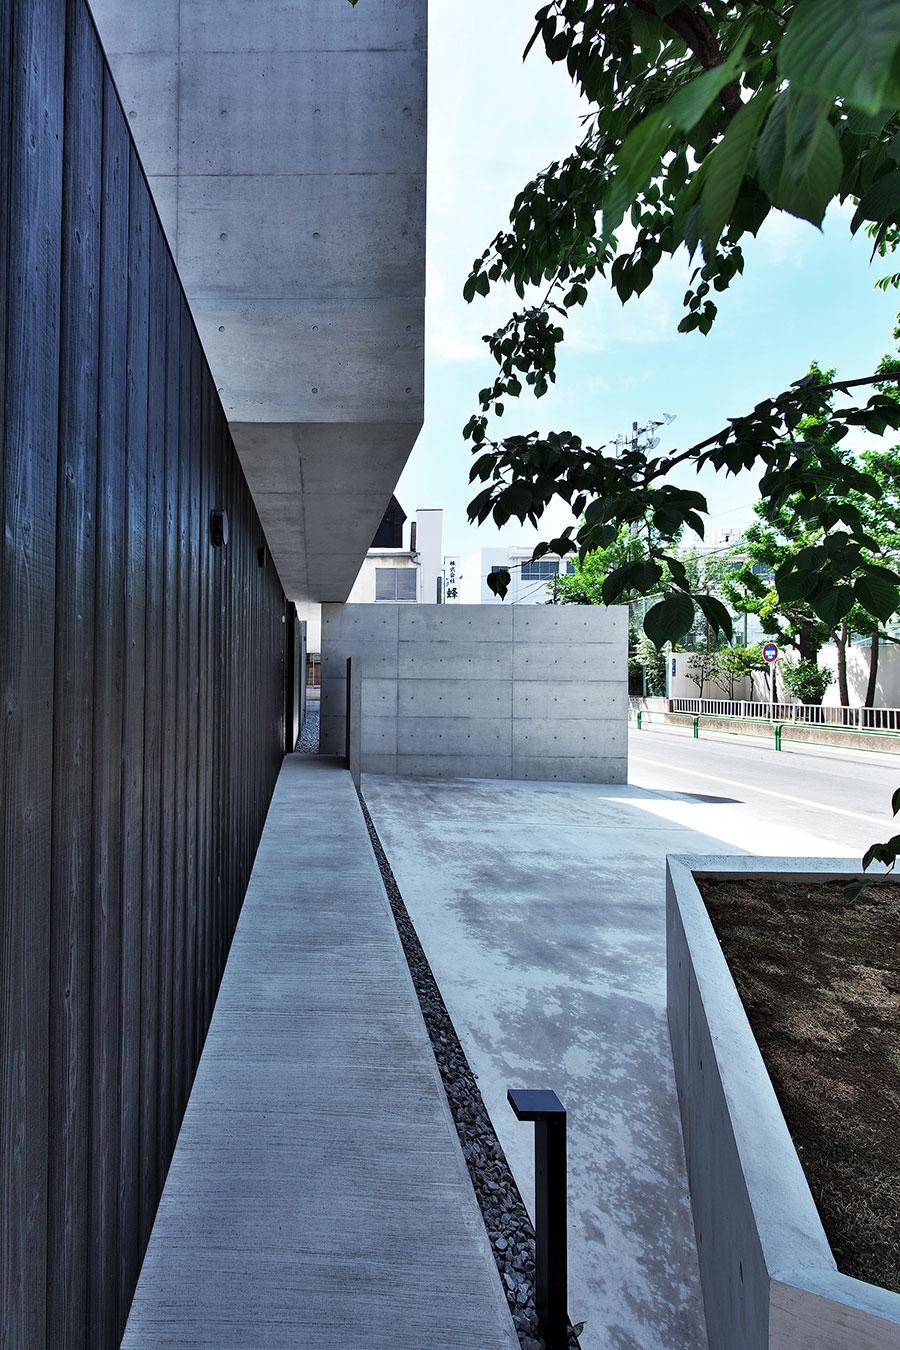 寺廟外馬路與圍牆